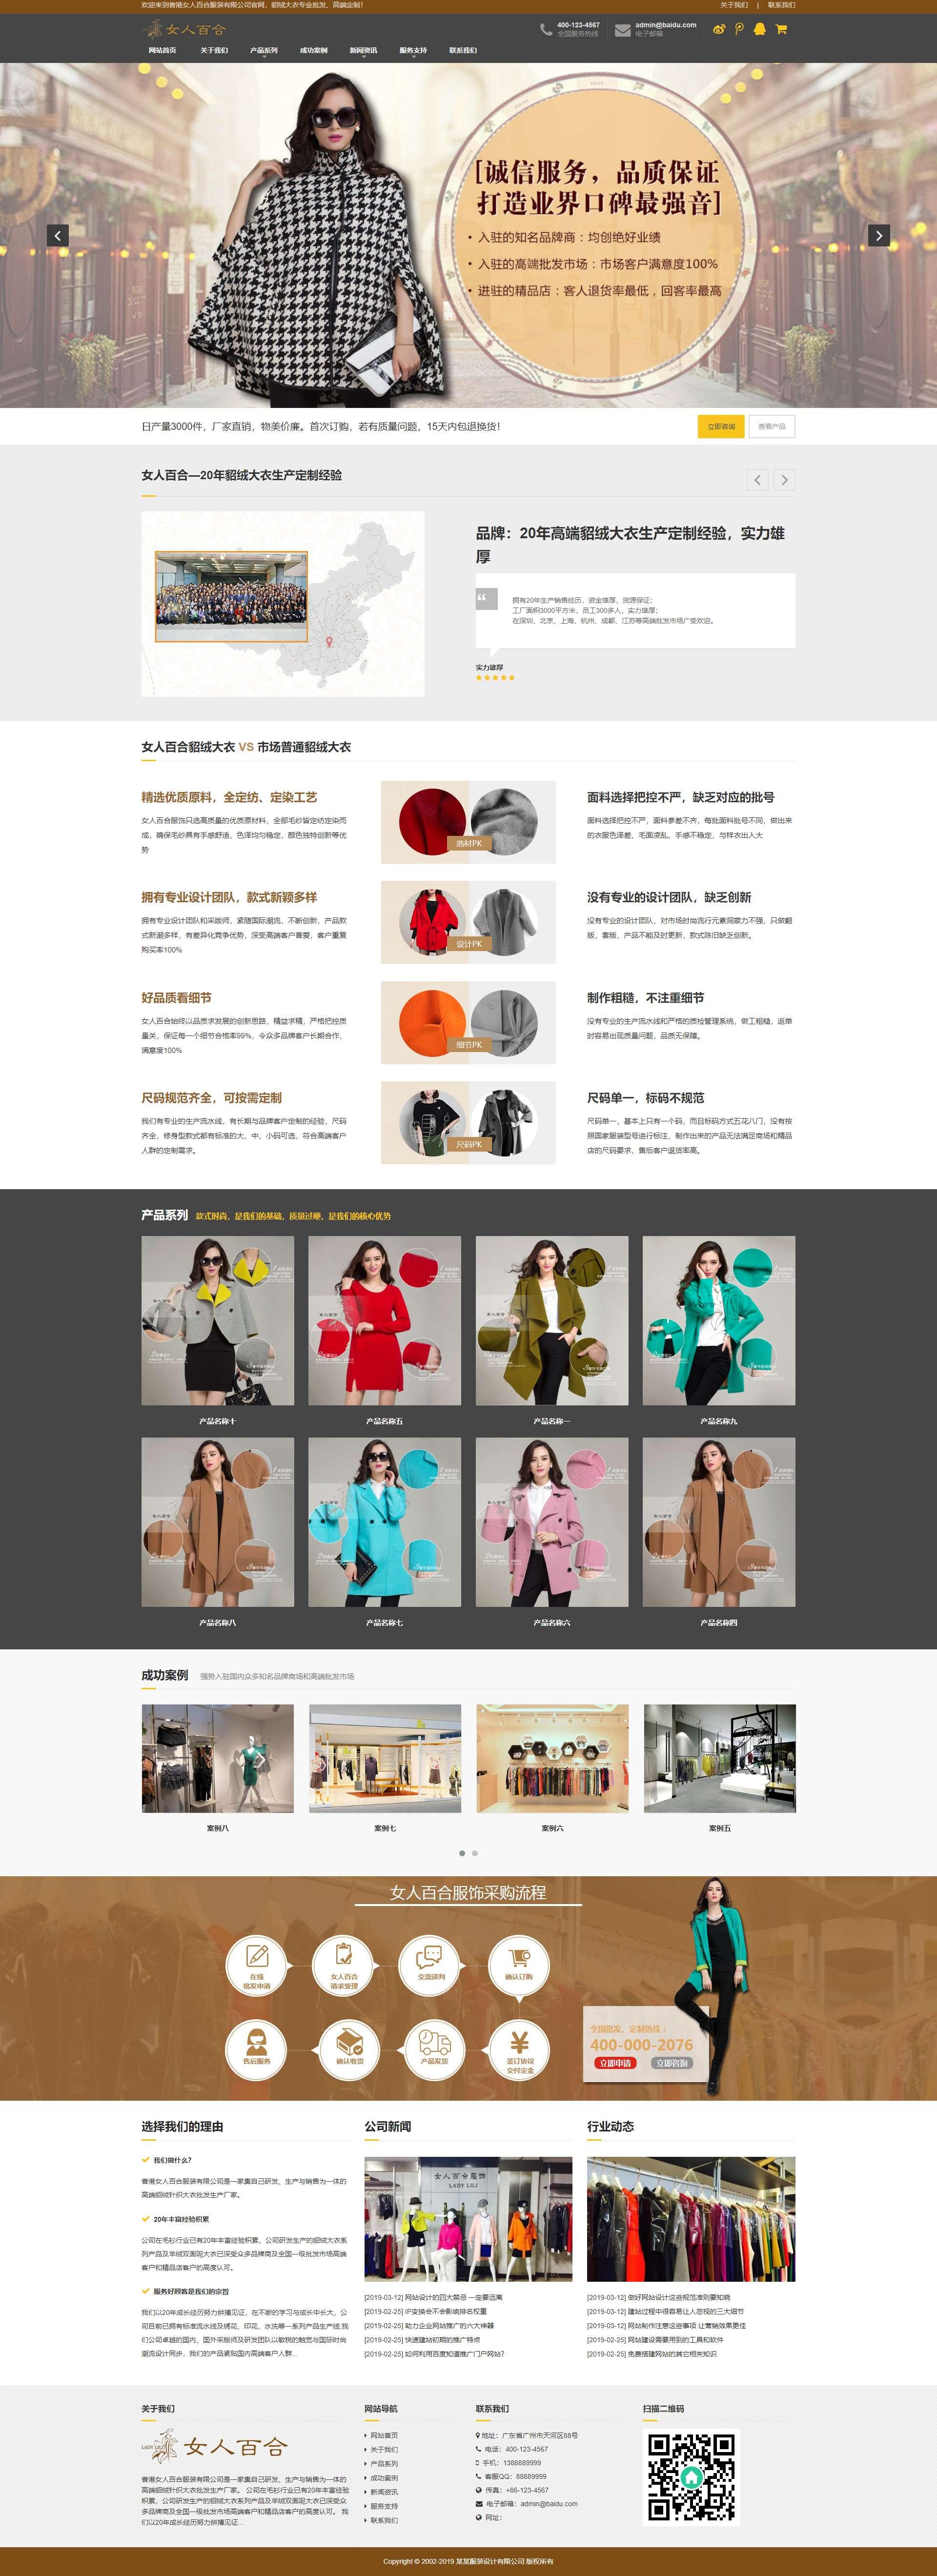 服装设计加工网站建设模板(响应式)